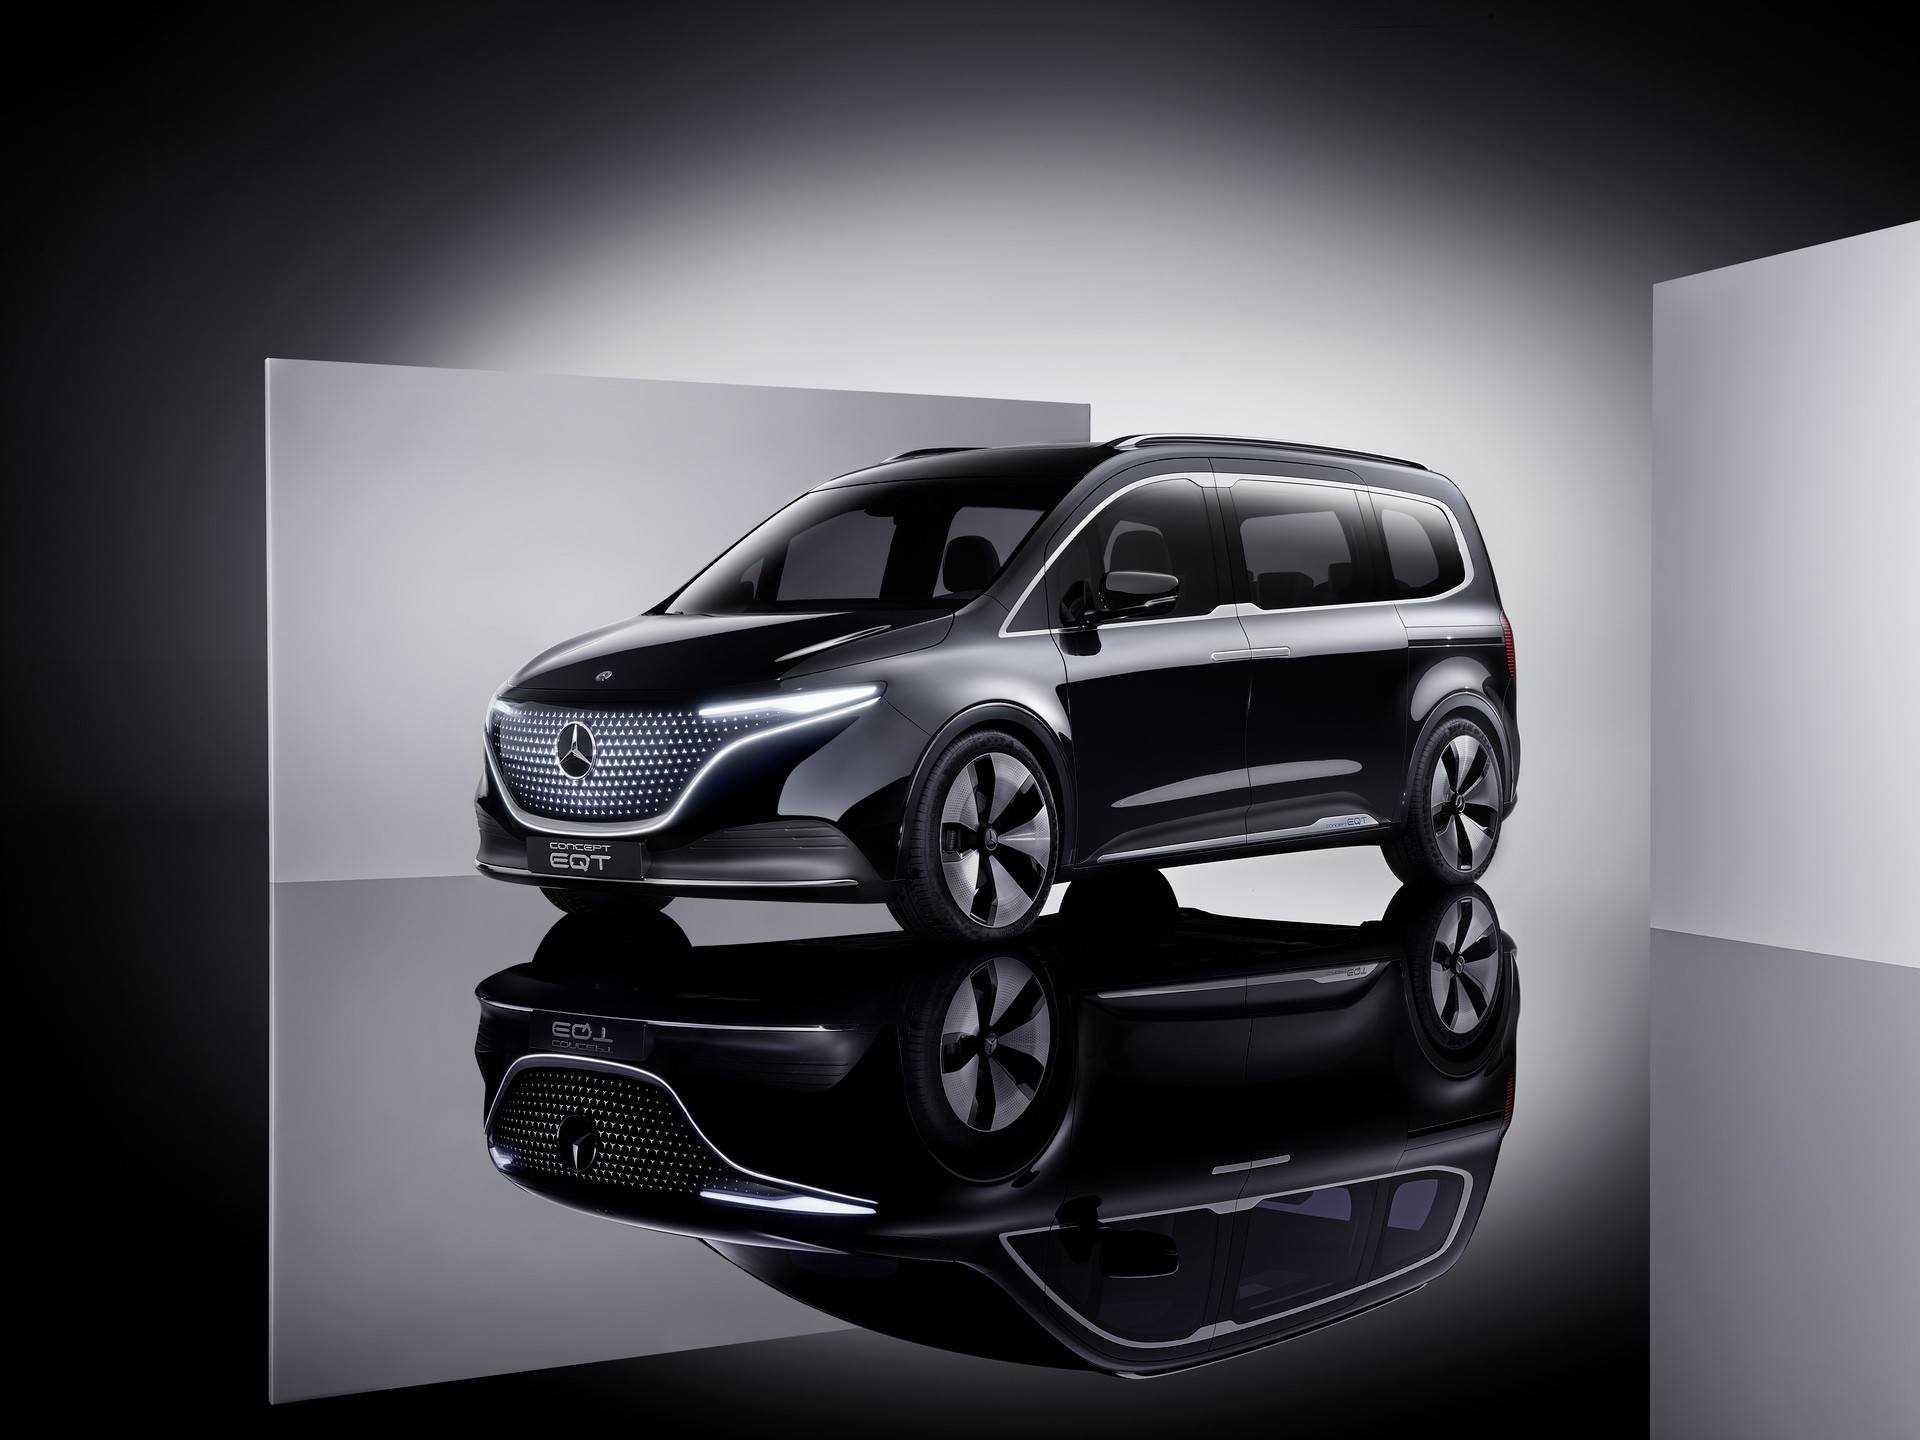 Mercedes-Benz_EQT-Concept-0033